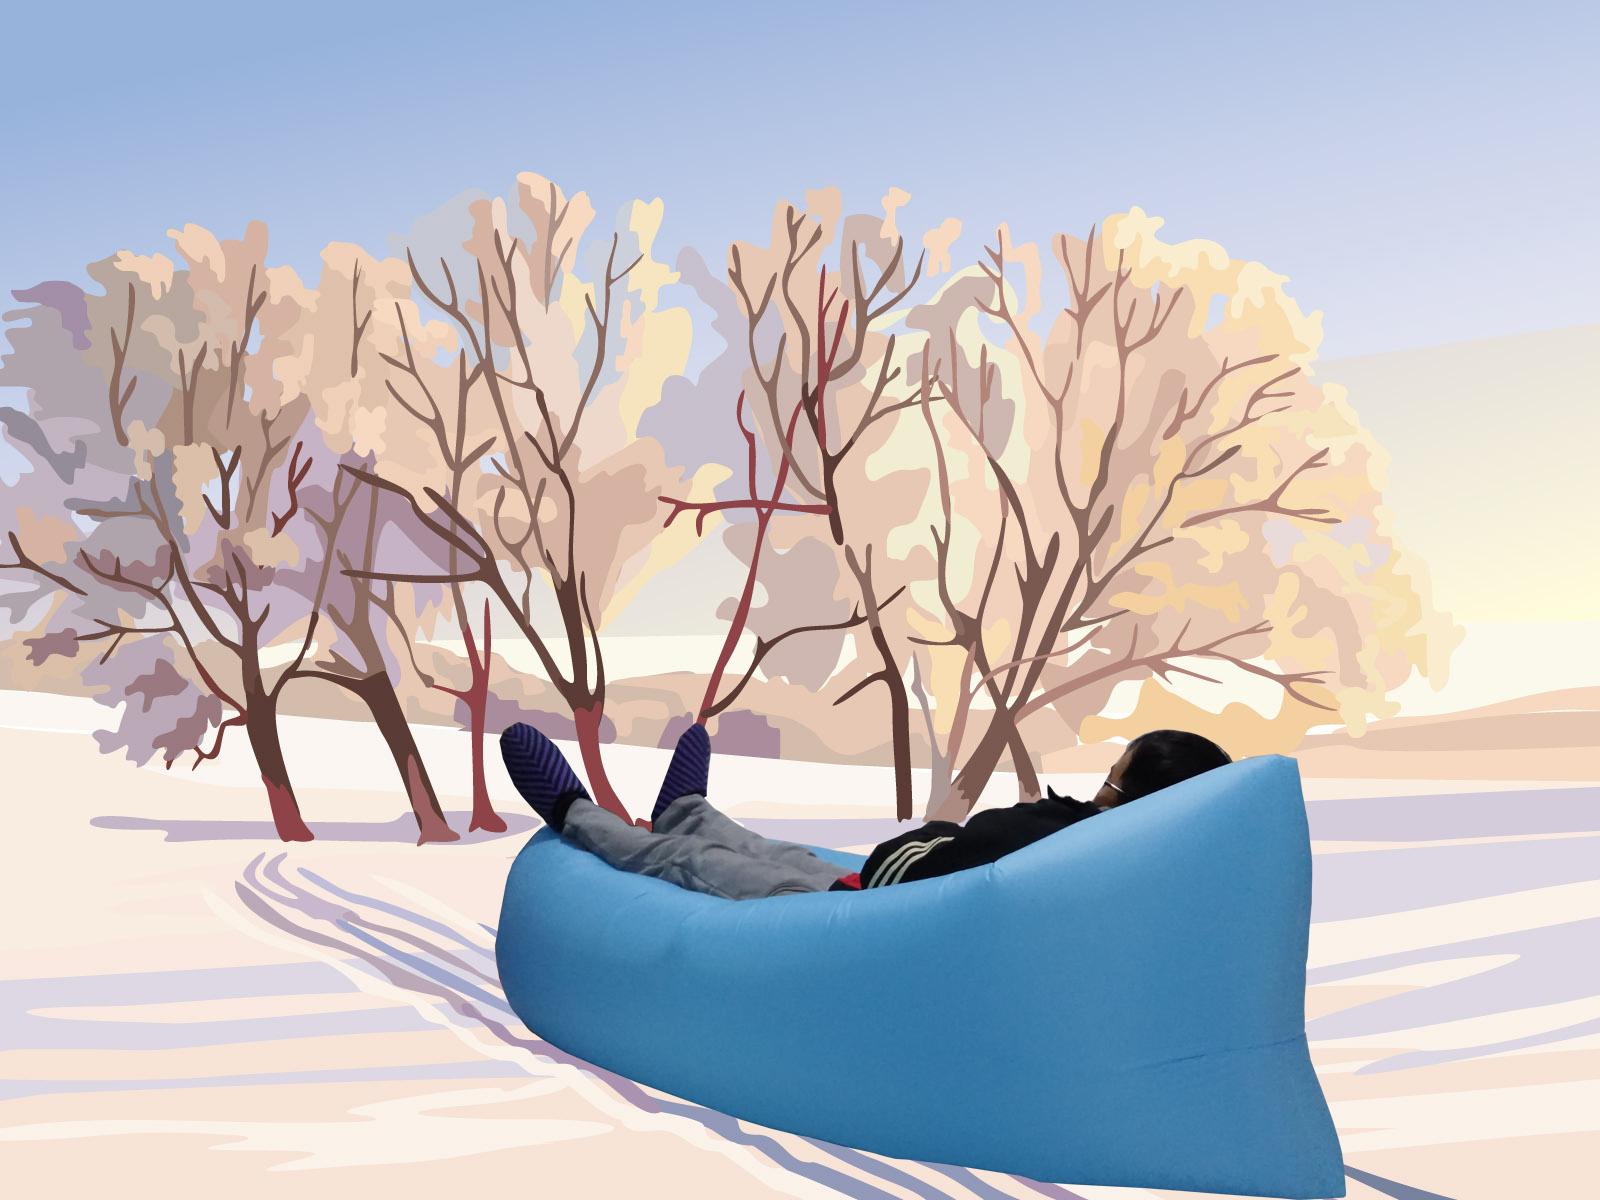 На открытом воздухе бездельник газированный диван - кровать один шезлонг воздушная подушка кровать портативный хранение воздух диван мешок